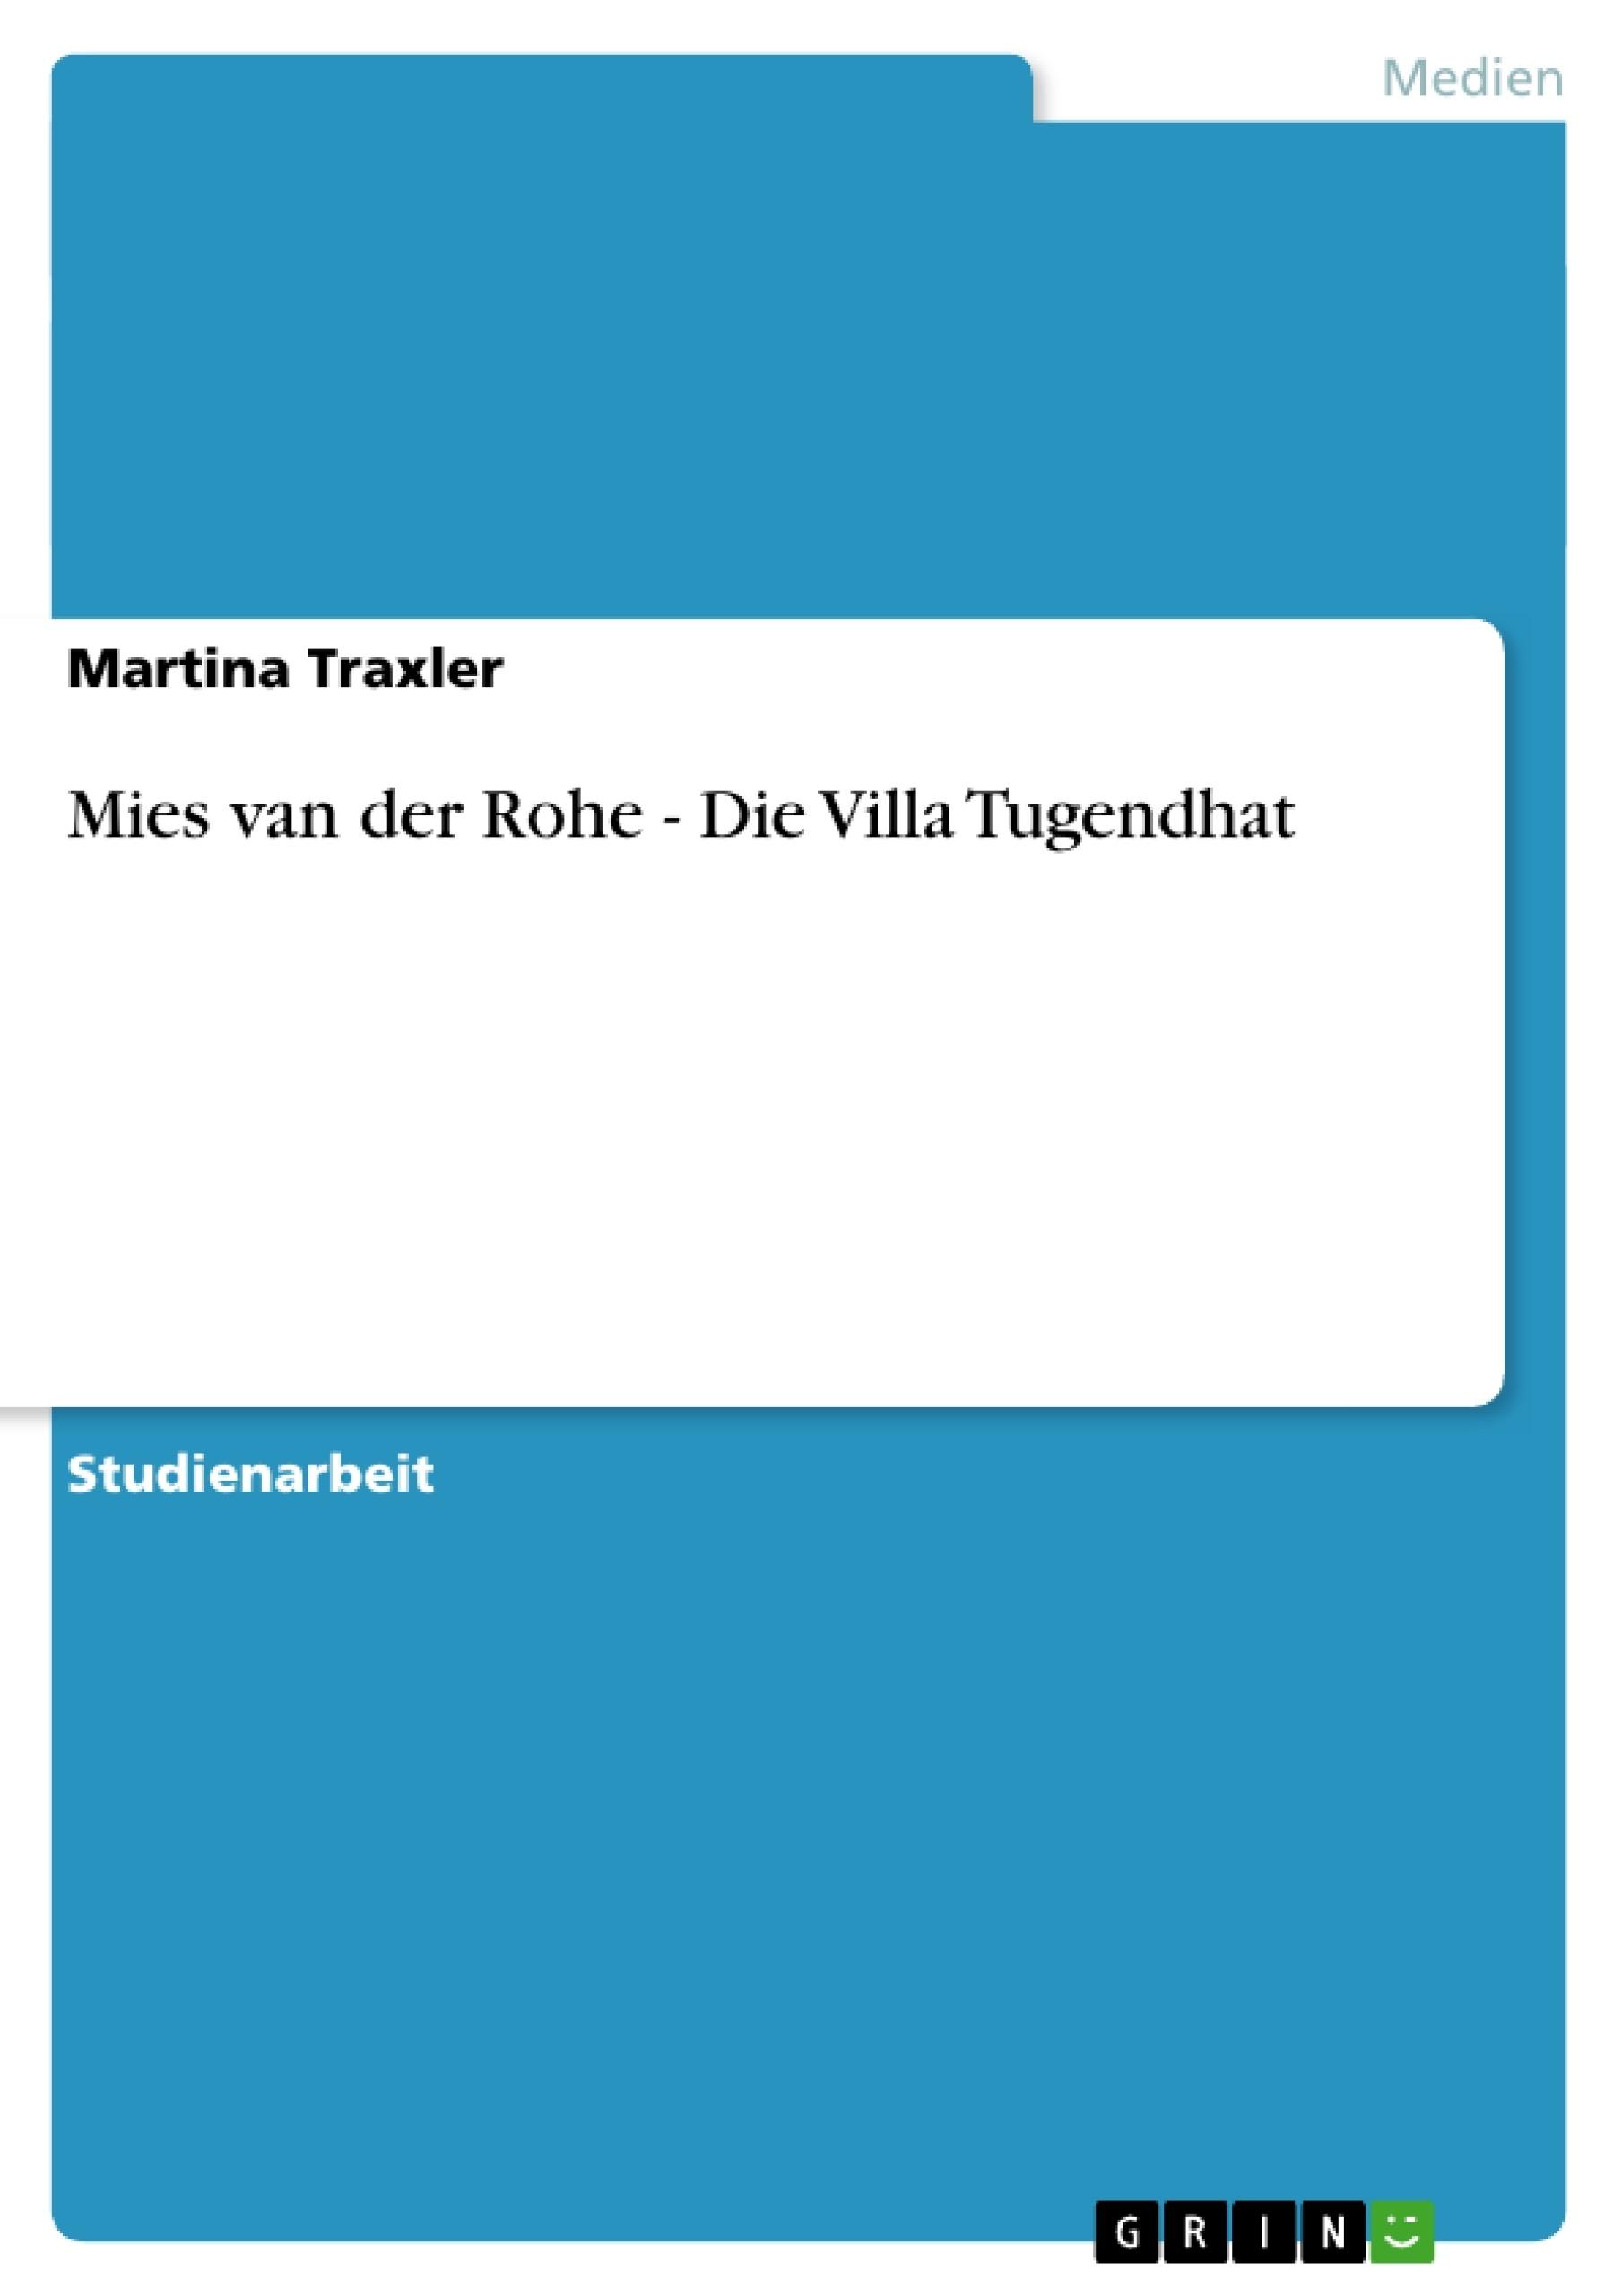 Titel: Mies van der Rohe - Die Villa Tugendhat